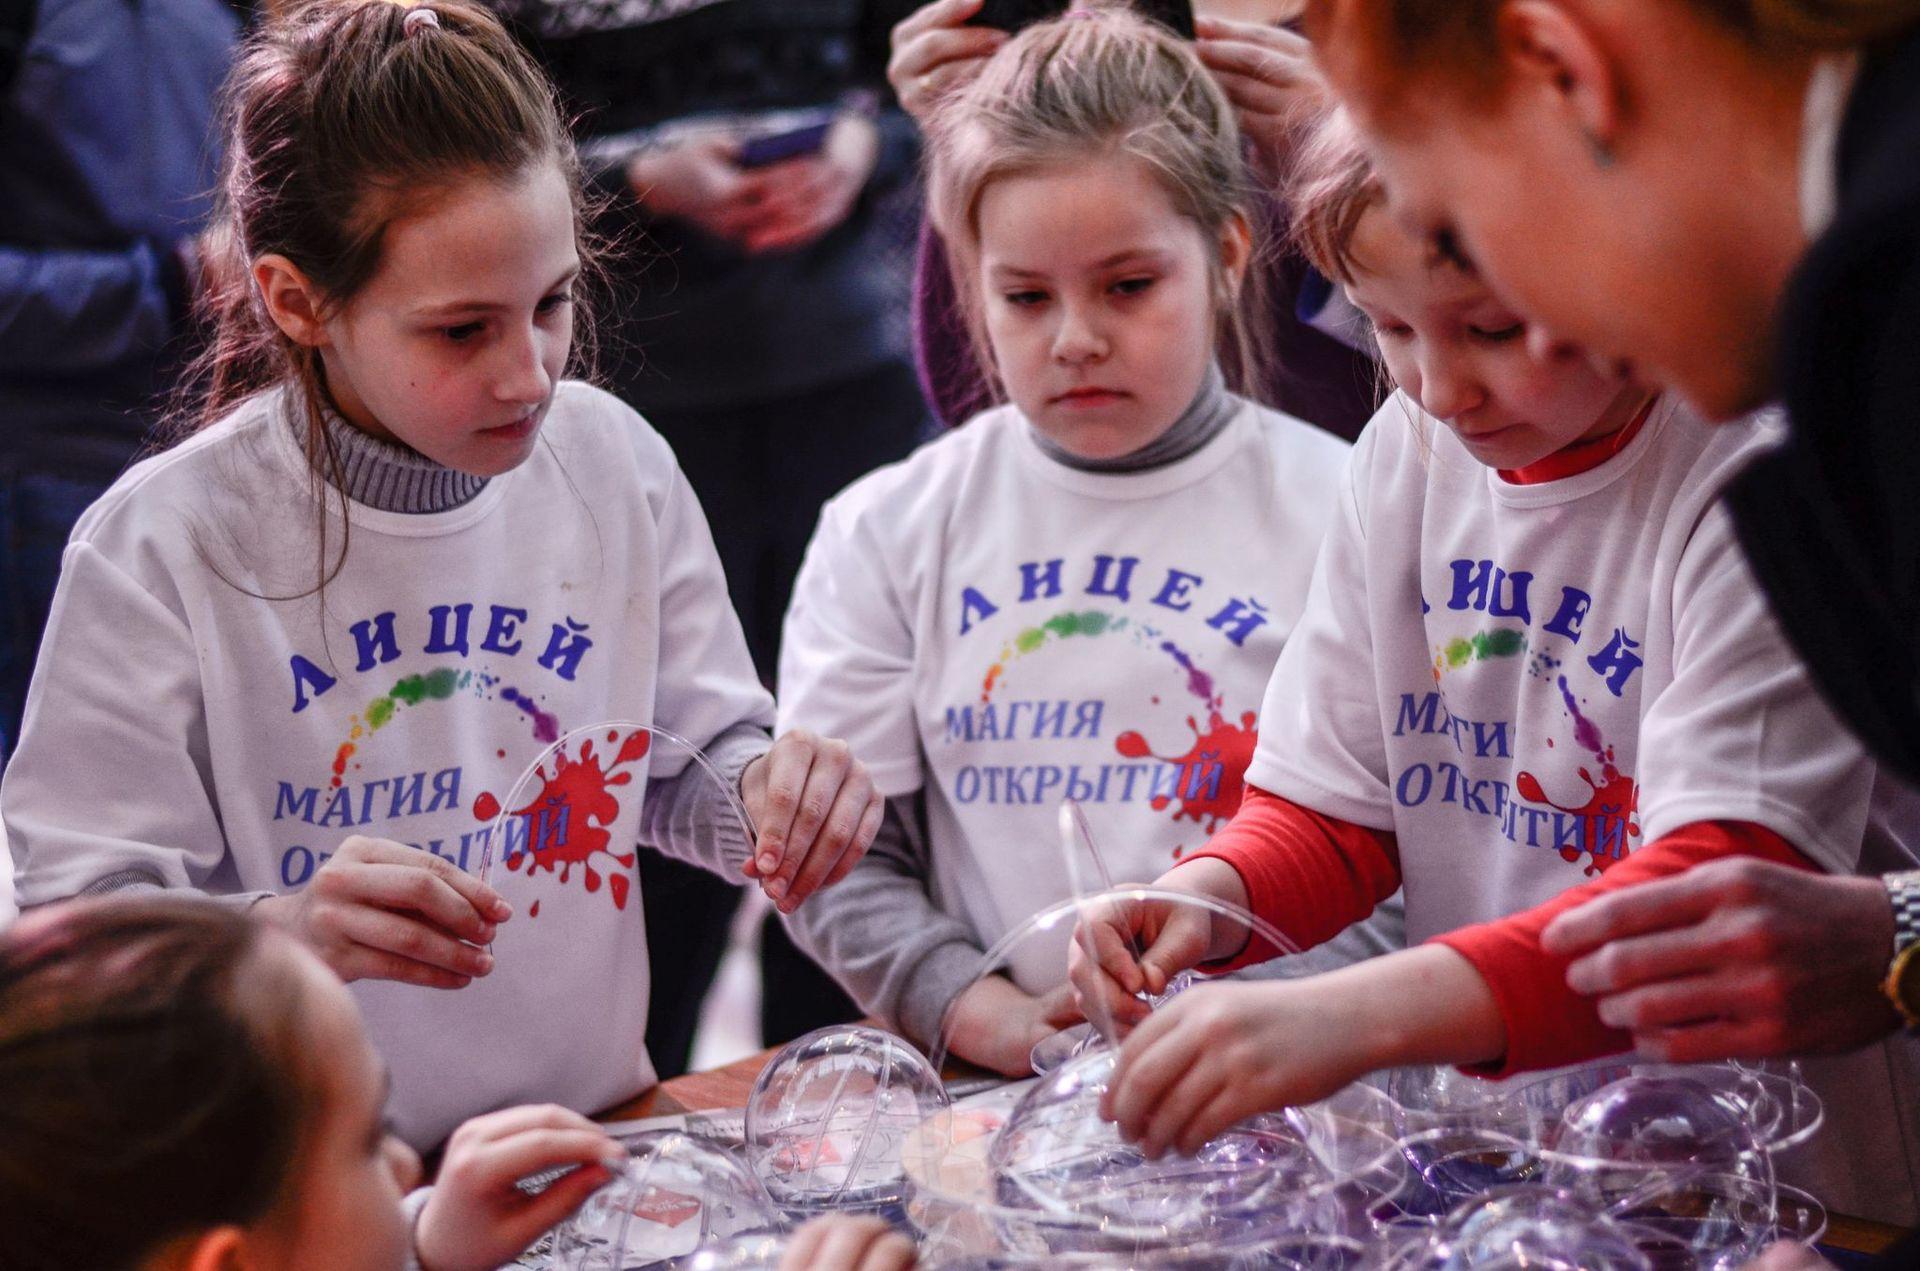 Фестиваль Город Технотворчества 2016, или как привлечь детей к технике - 17